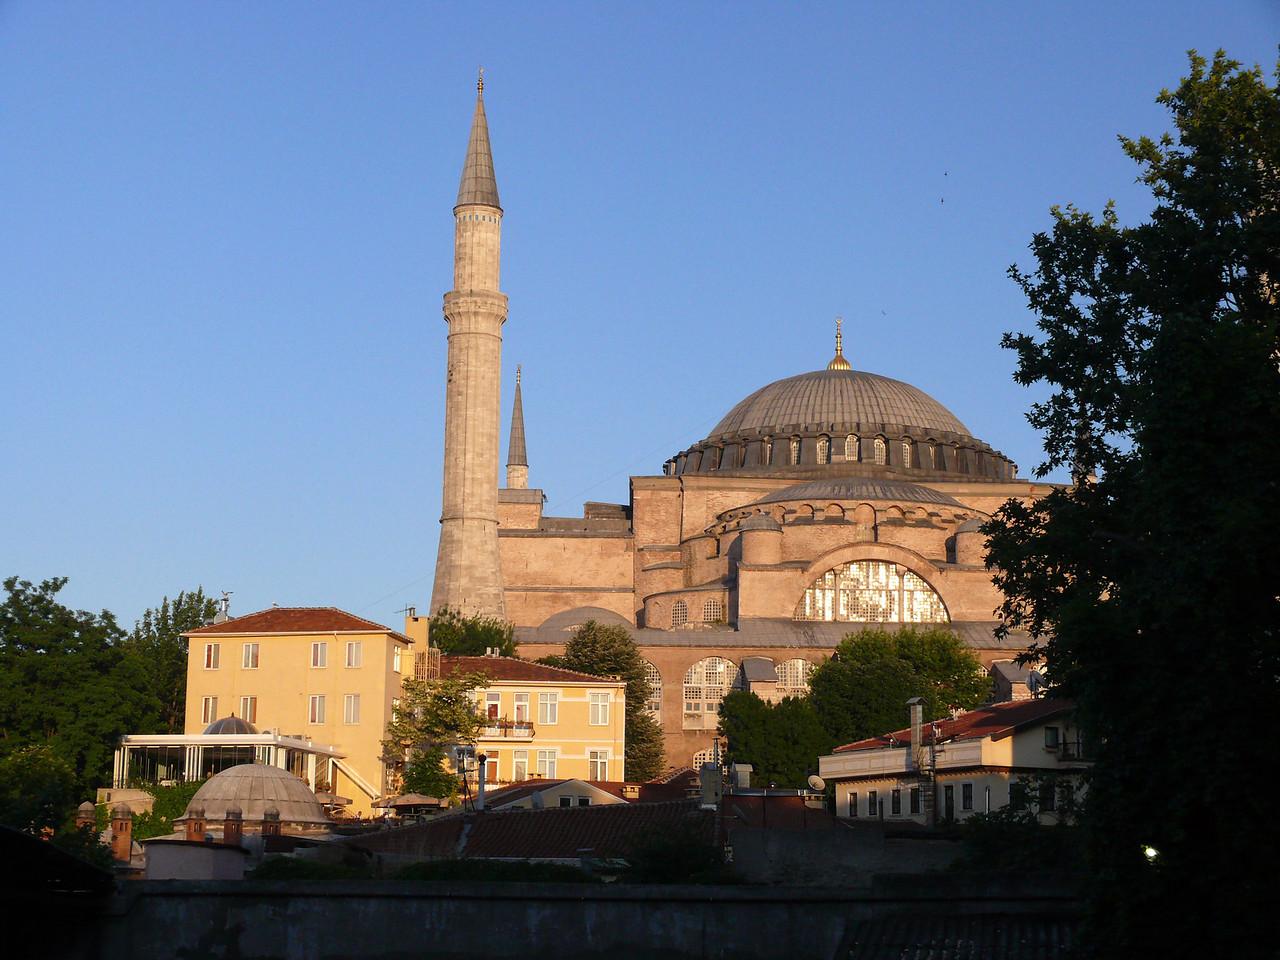 103_820 Turkey Istanbul Hagia Sophia